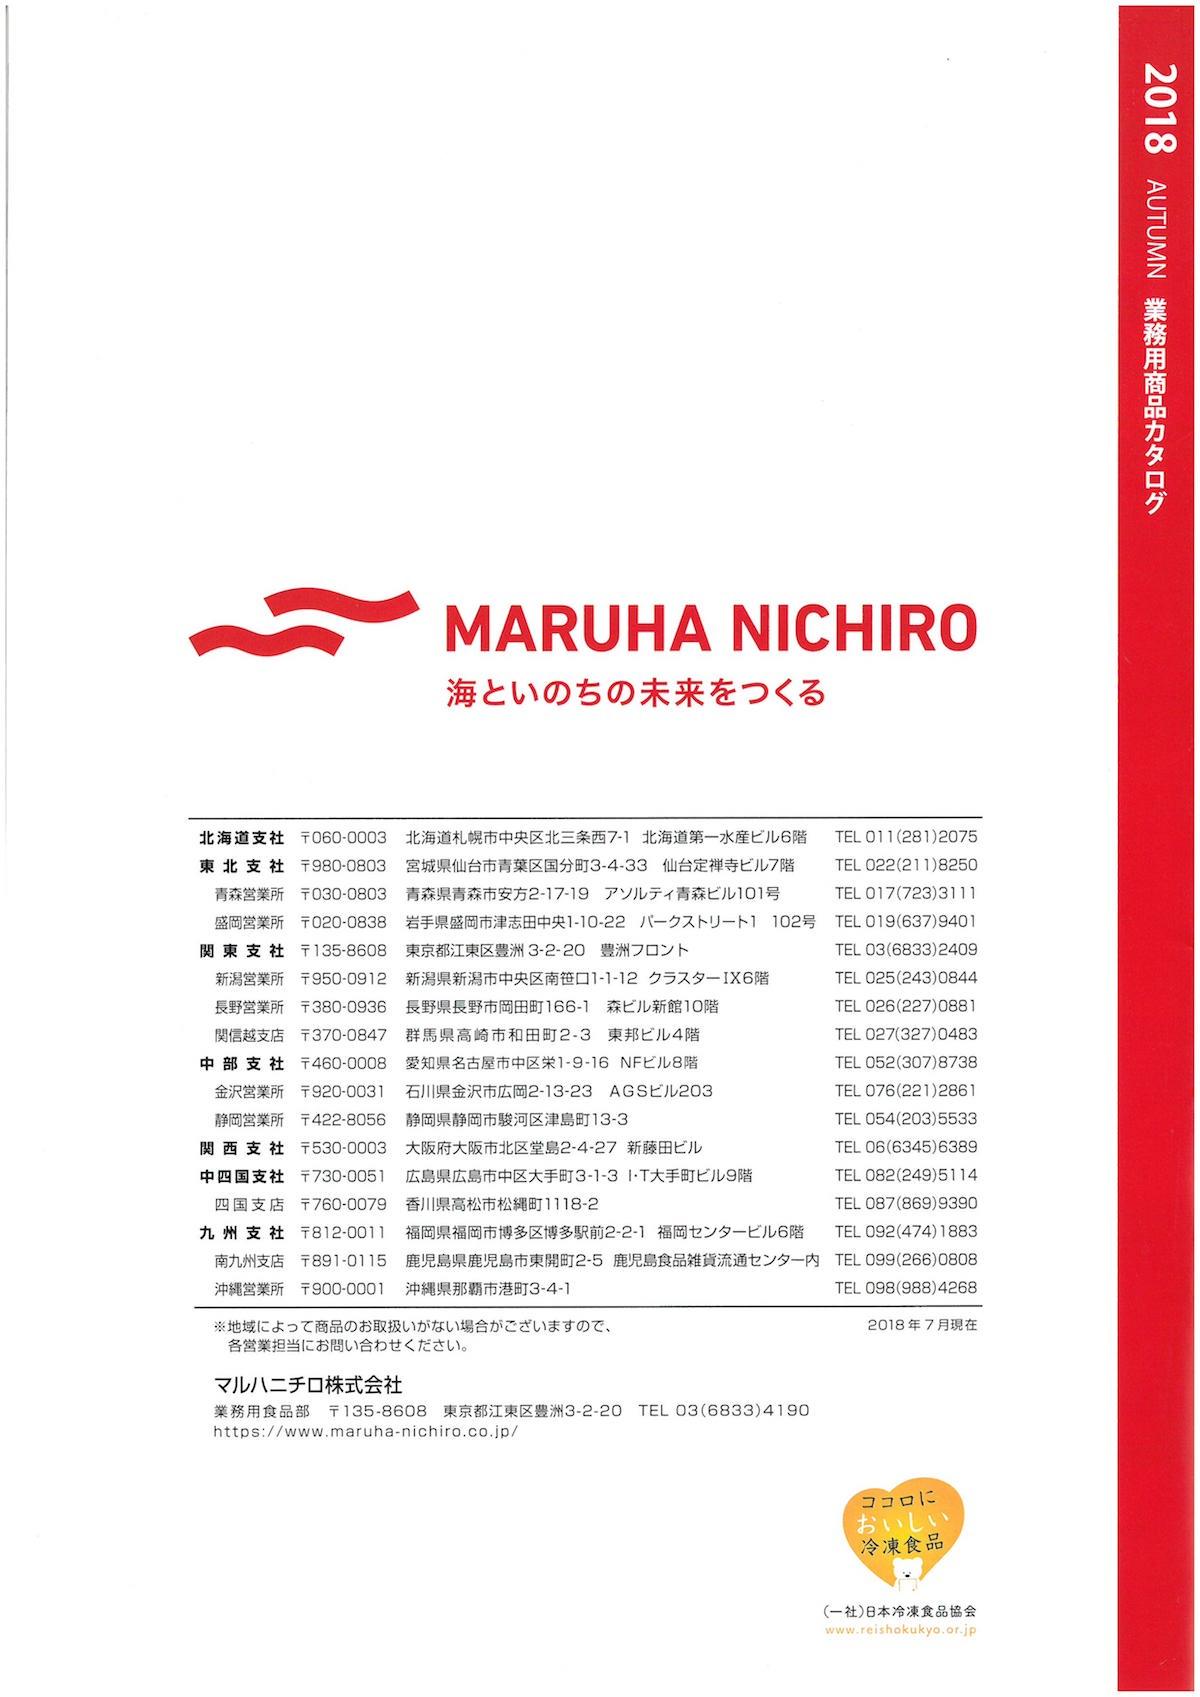 マルハニチロ2018秋